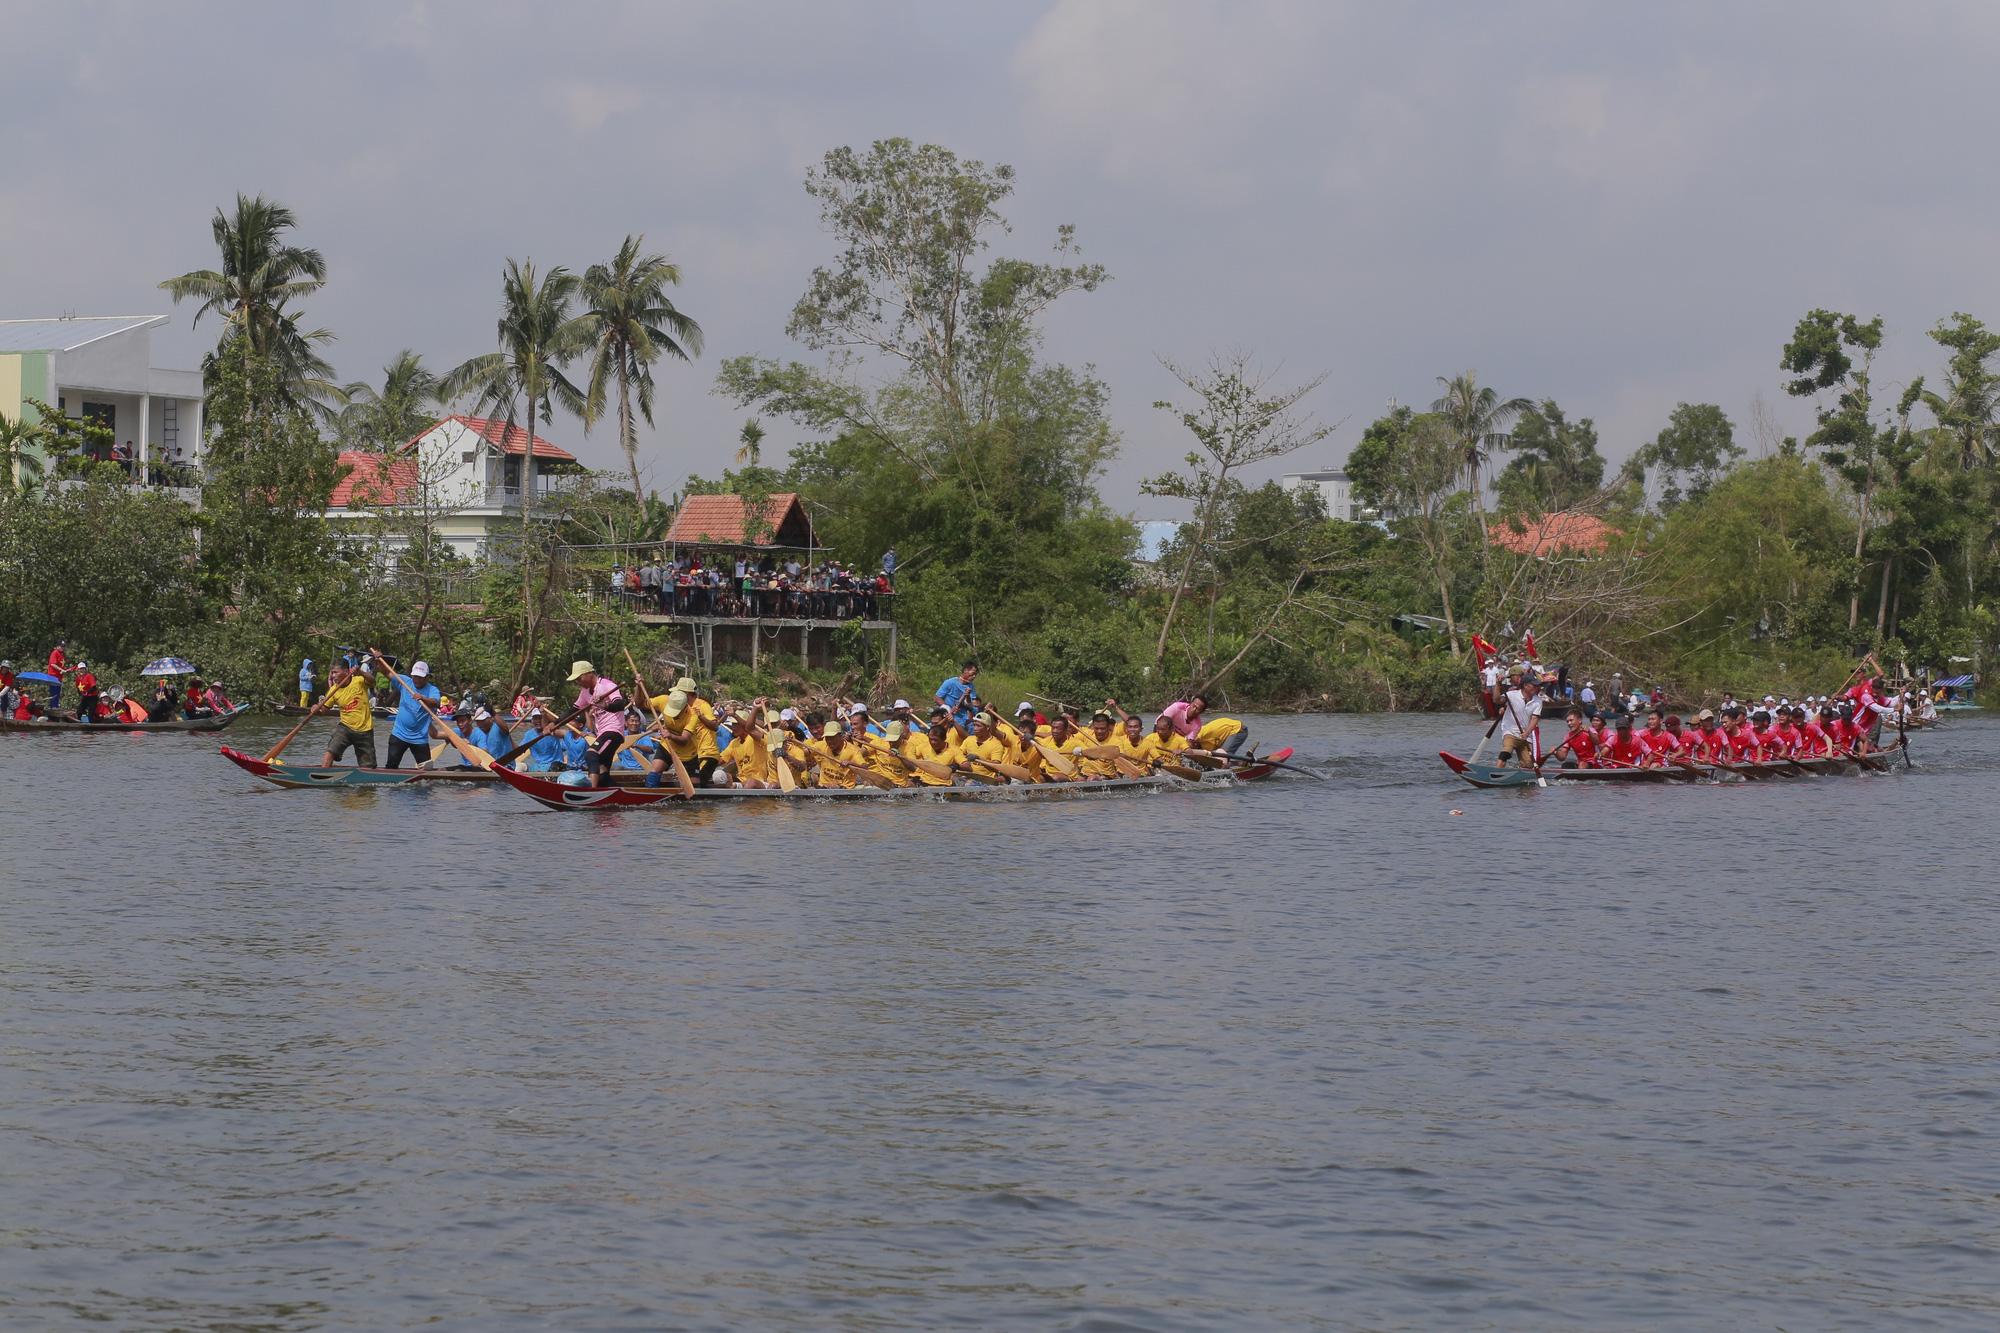 Quảng Nam: Trèo cây, leo nóc nhà để xem đua thuyền ở Tam Kỳ - Ảnh 8.